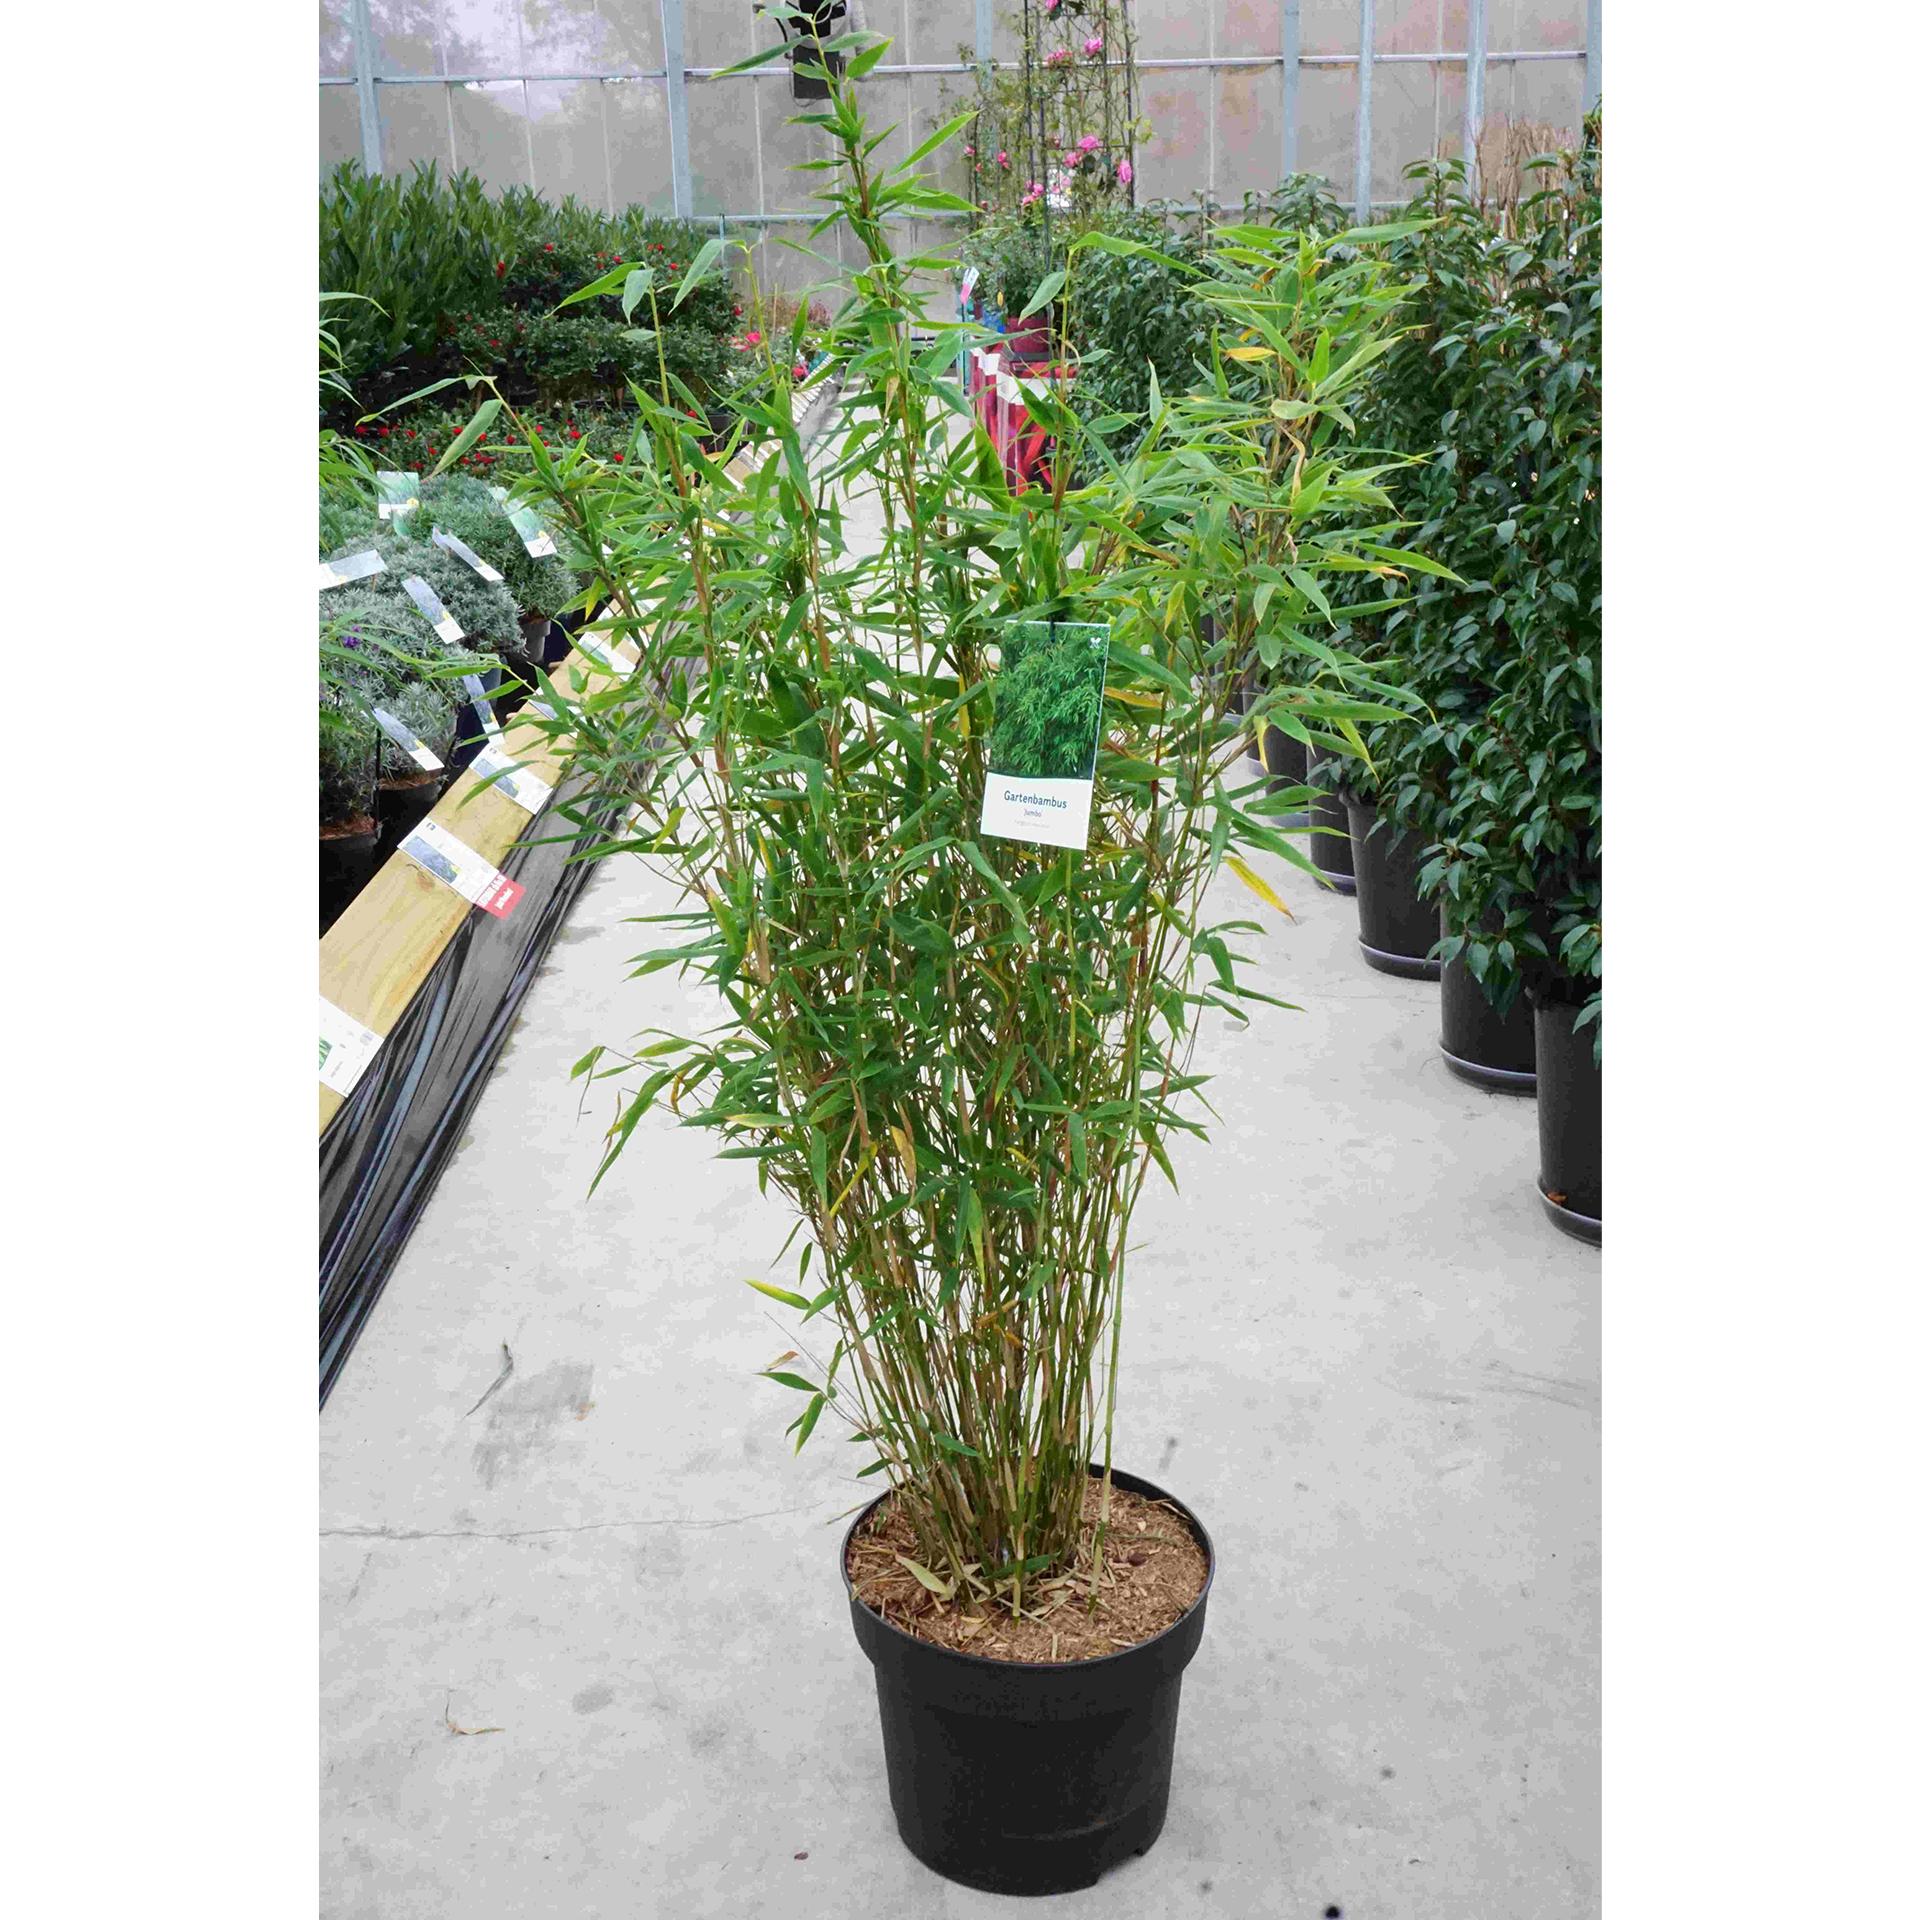 Gartenbambus - Fargesia muriale 'Jumbo', C10 100-125cm